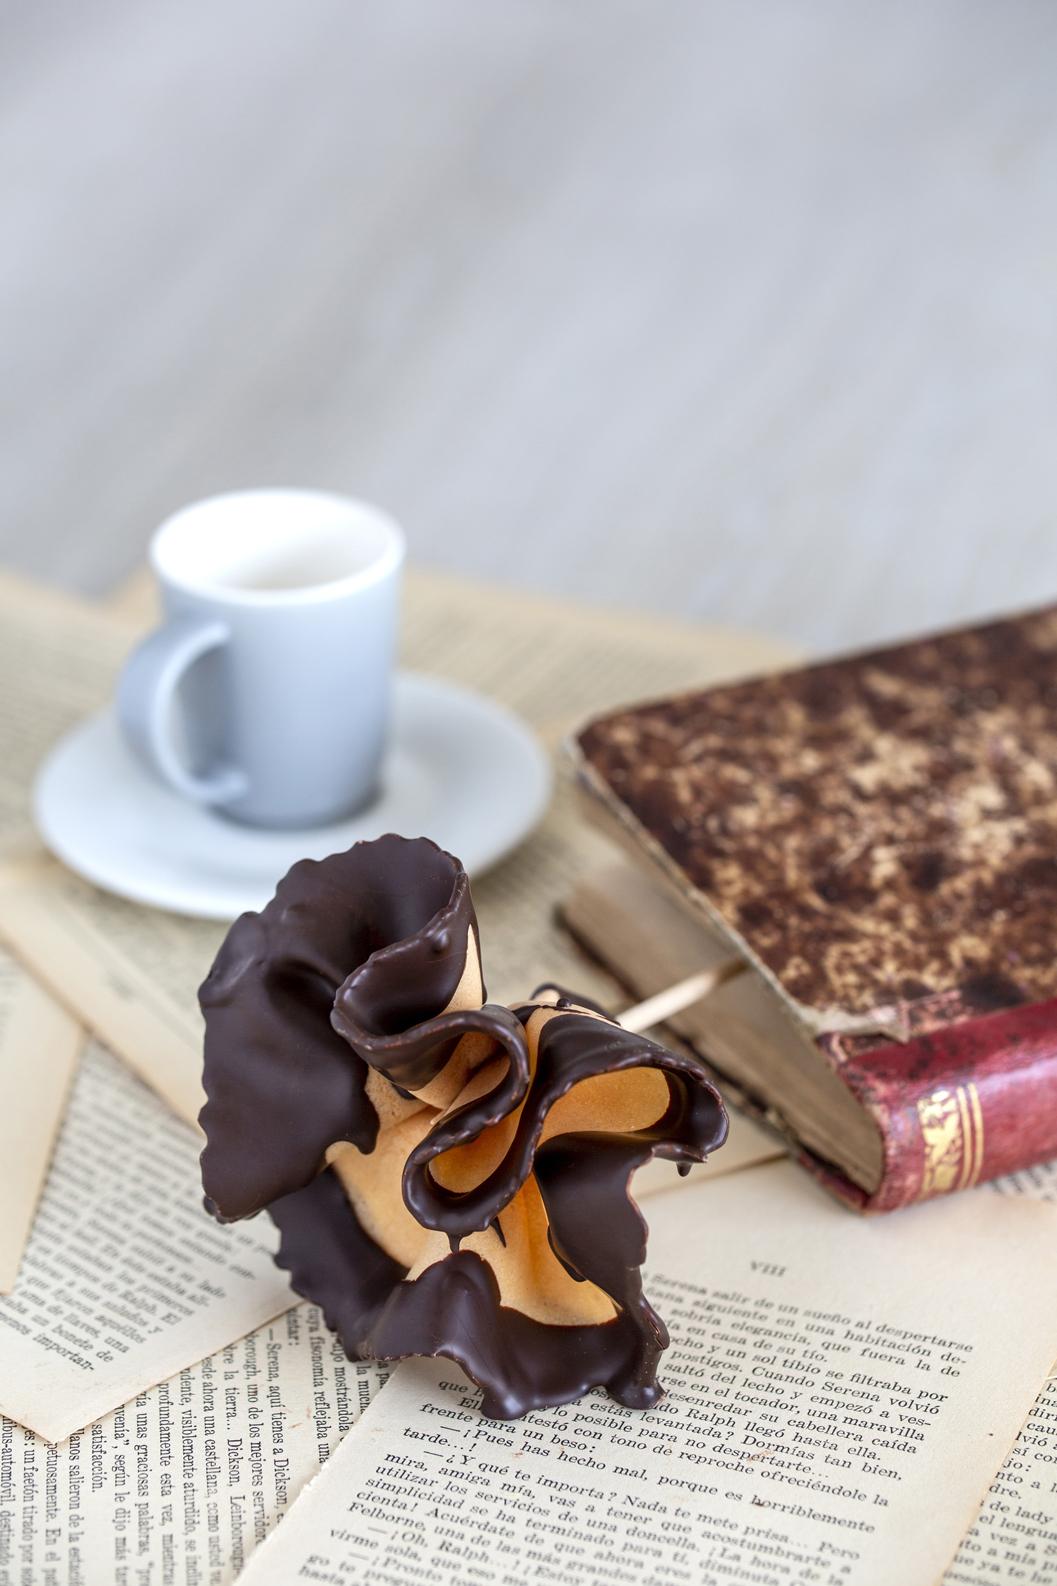 Rosa de xocolata El Rosal. Núria Boleda